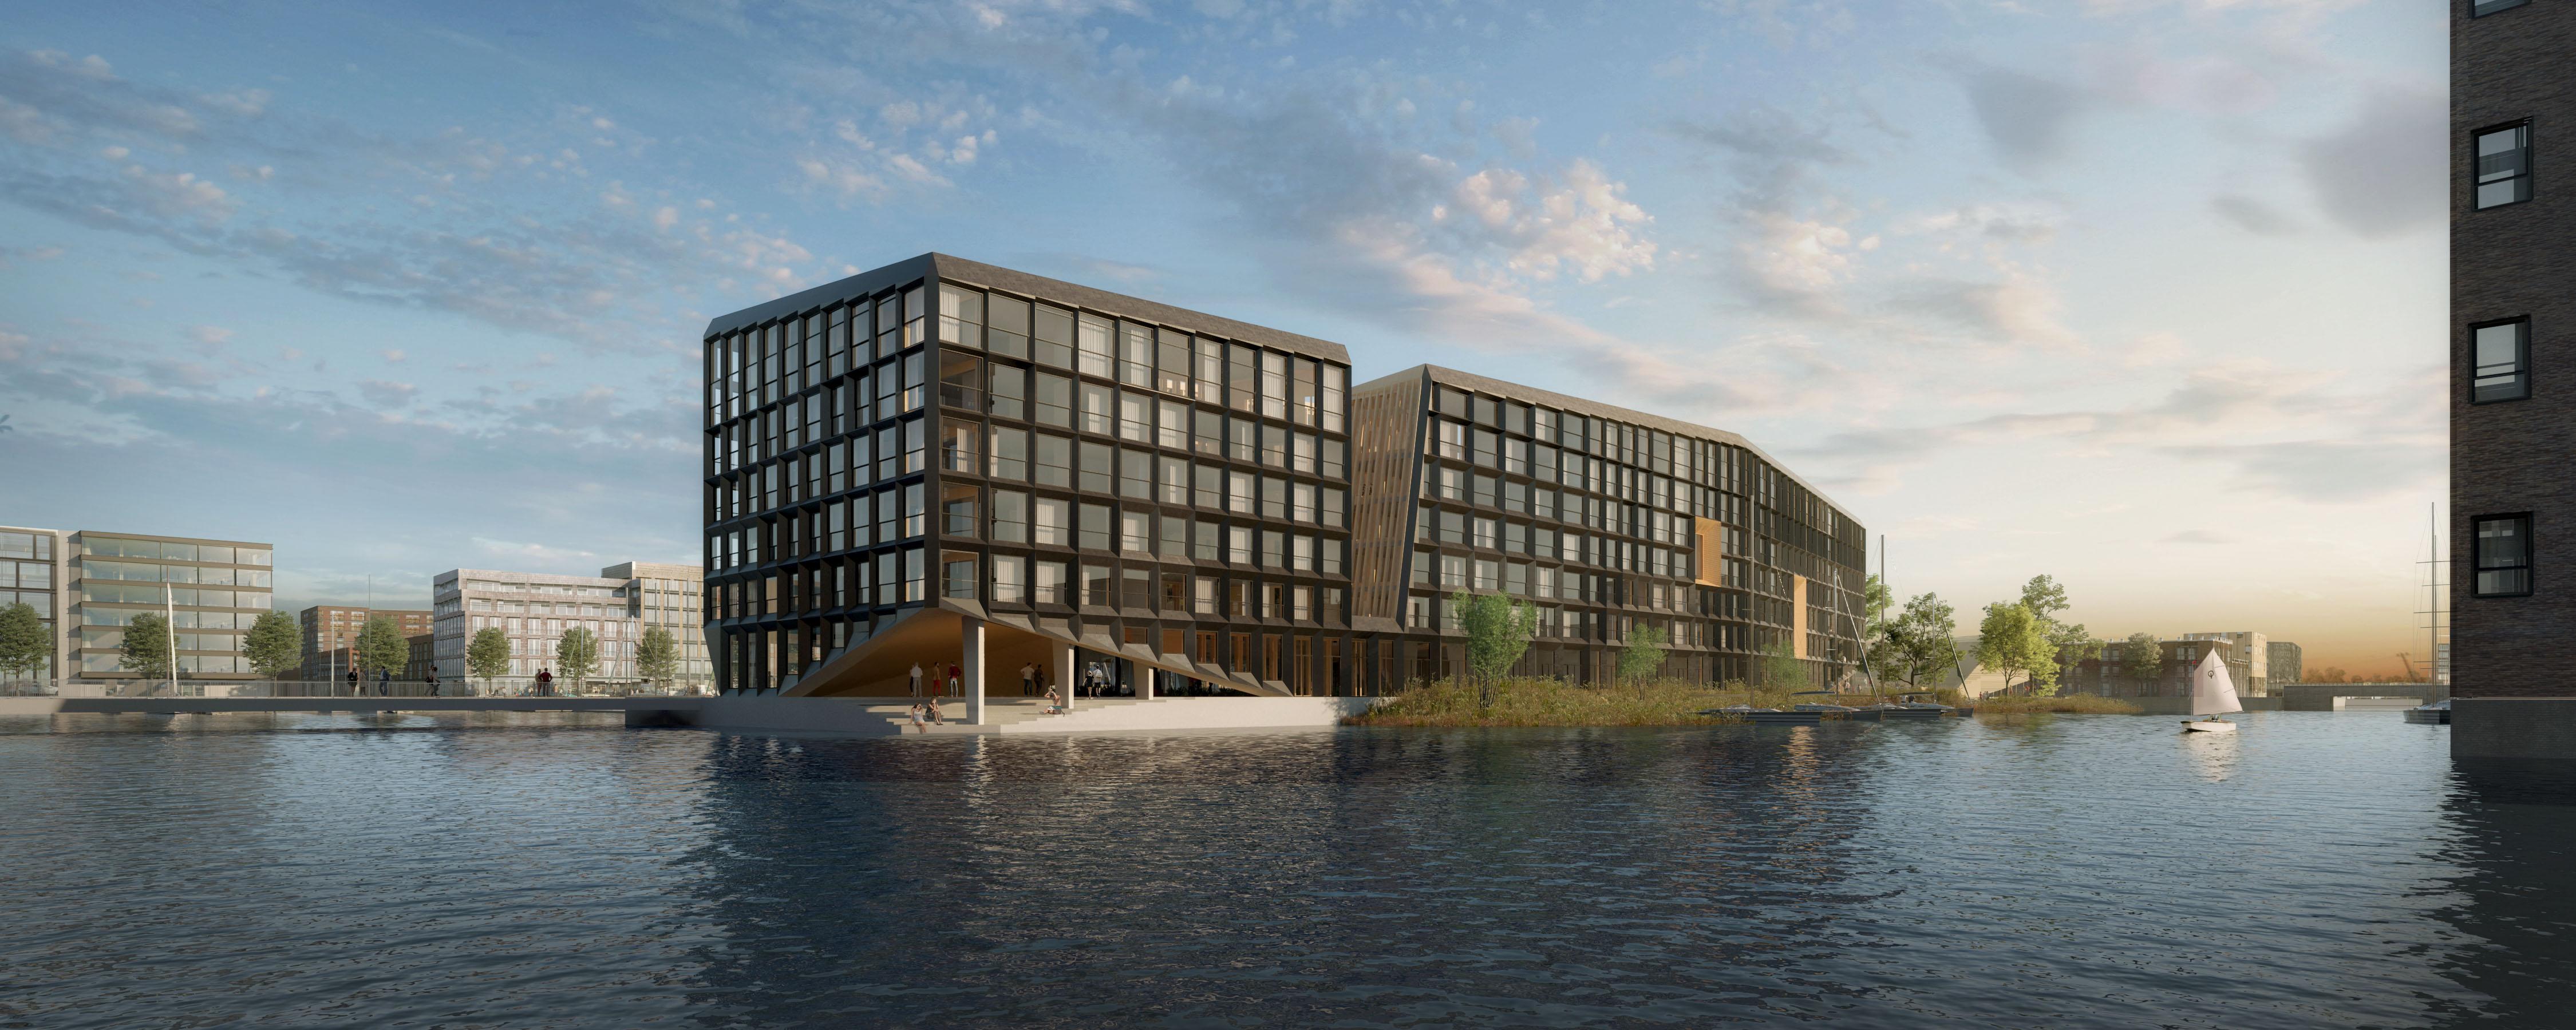 <p>Zicht vanaf het noorden. Het gebouw krijgt na oplevering het hoogst haalbare duurzaamheidscertifi caat (Breeam outstanding). </p>